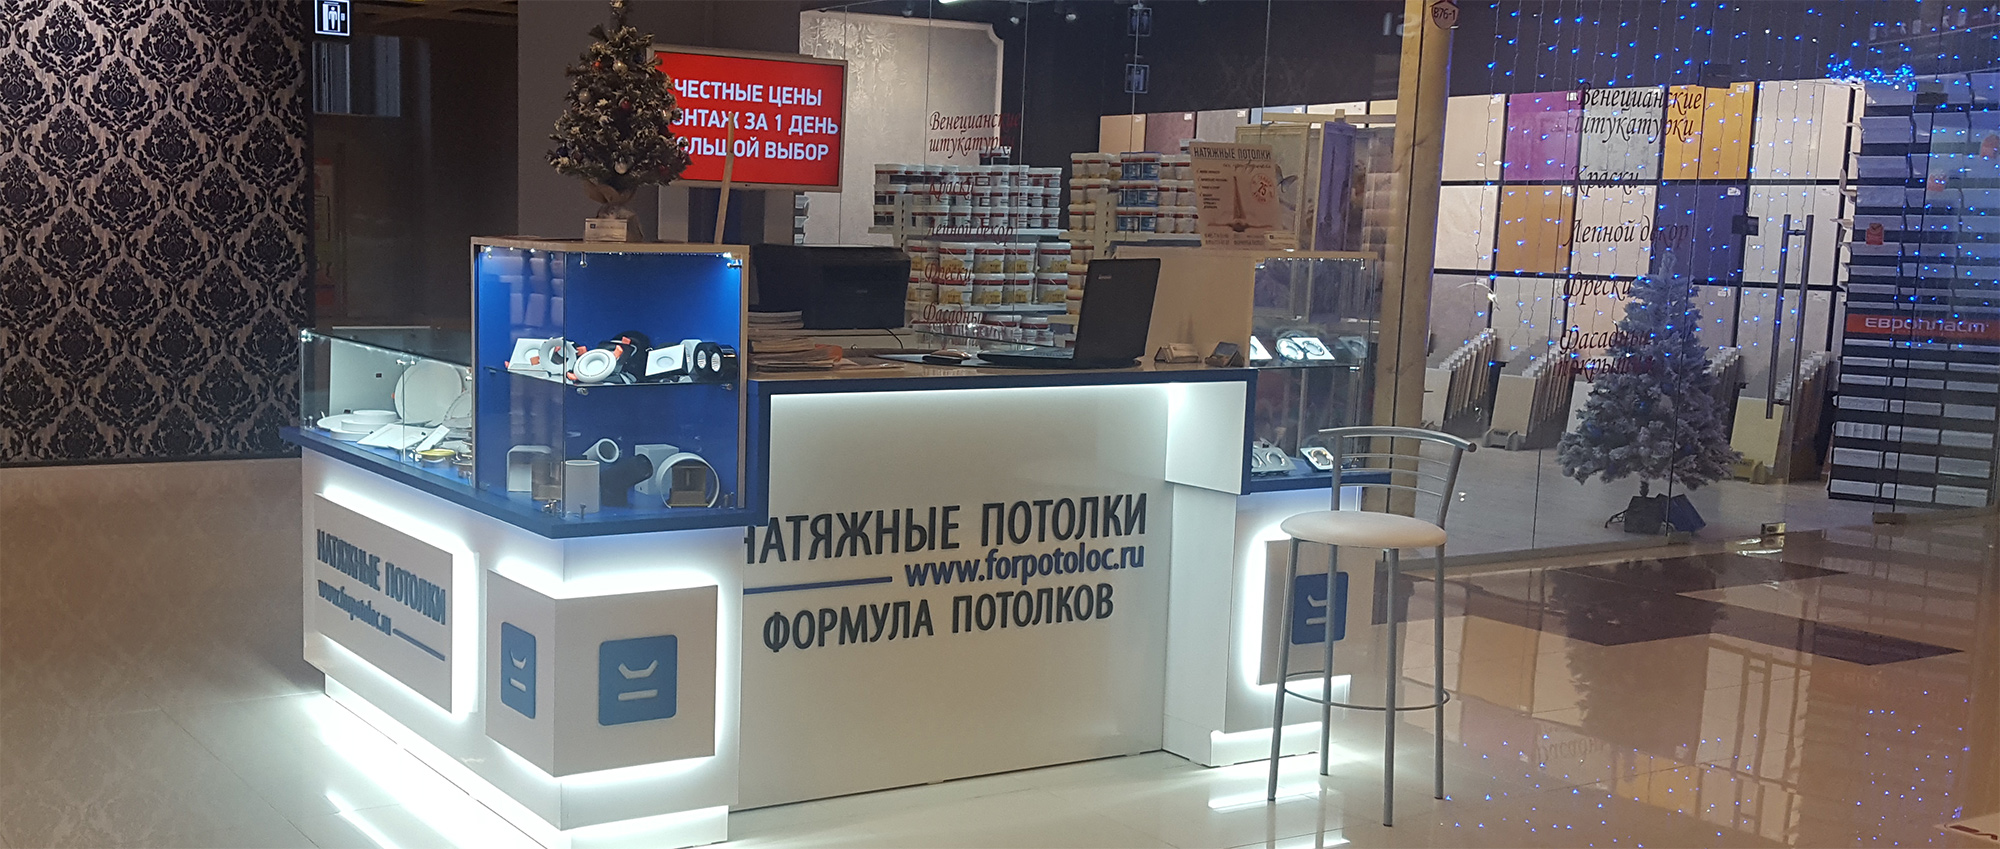 Новый офис Формулы Потолков